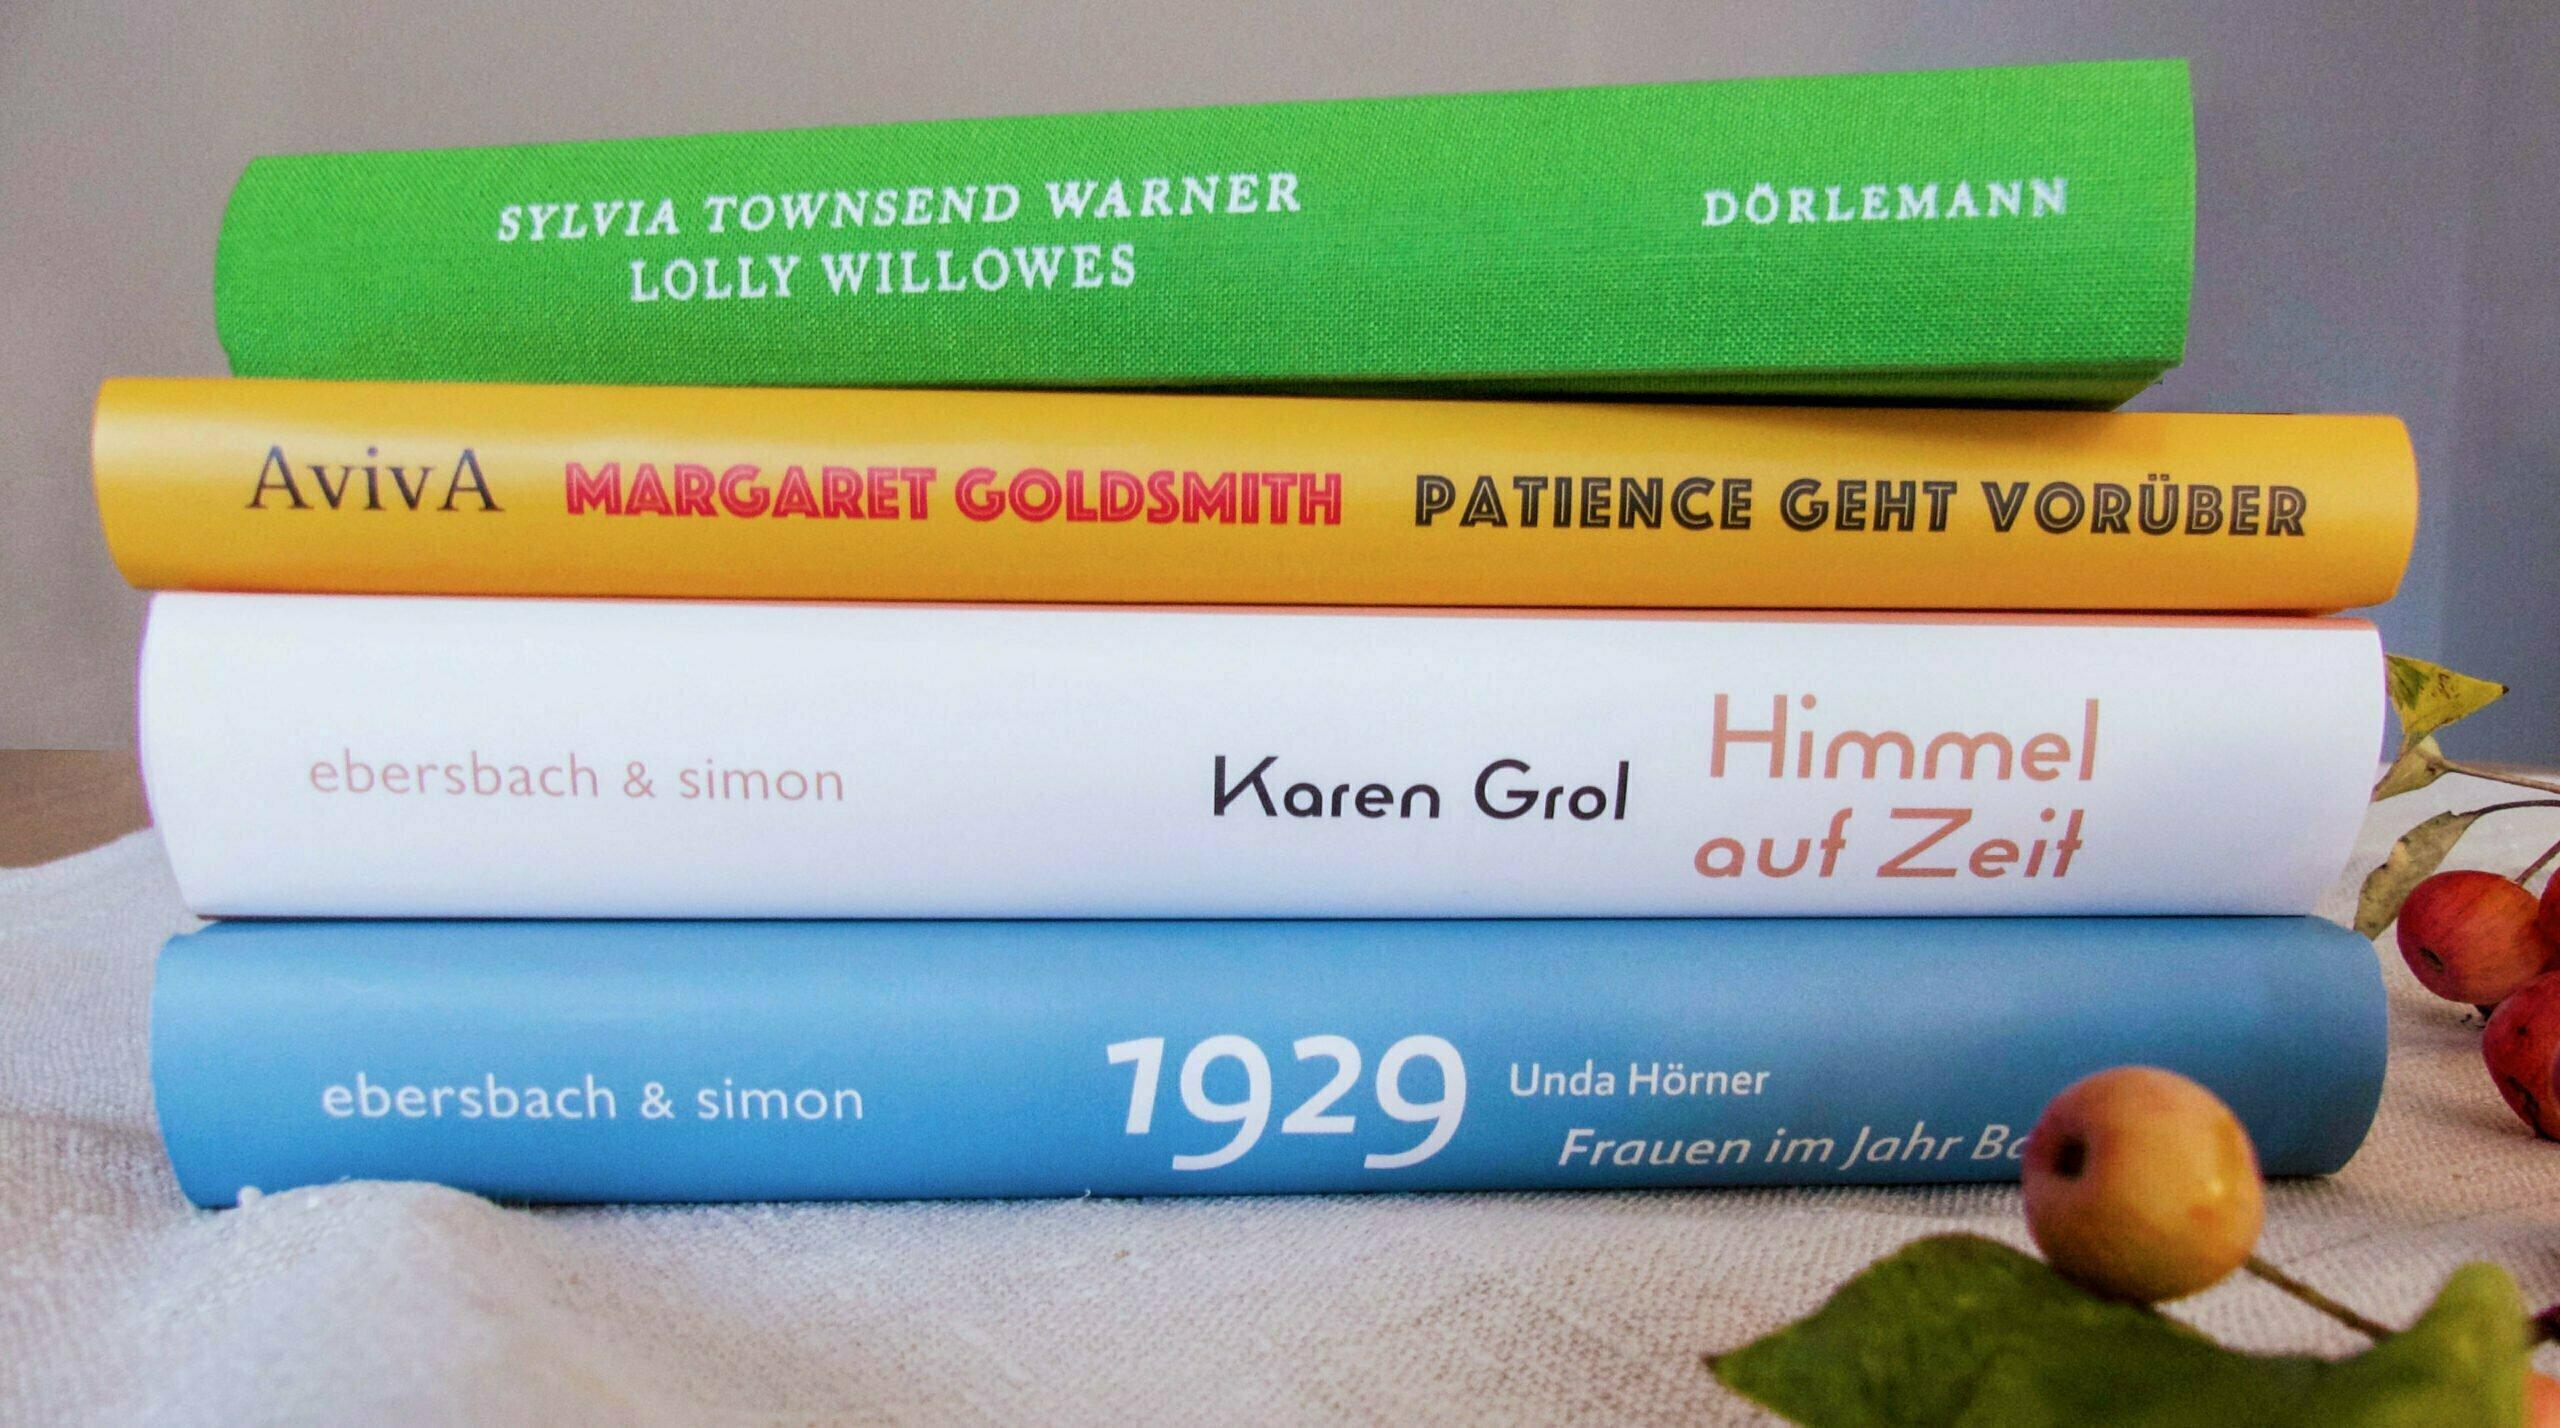 #Stayathomereadabook: Unsere Bücher für den Herbst